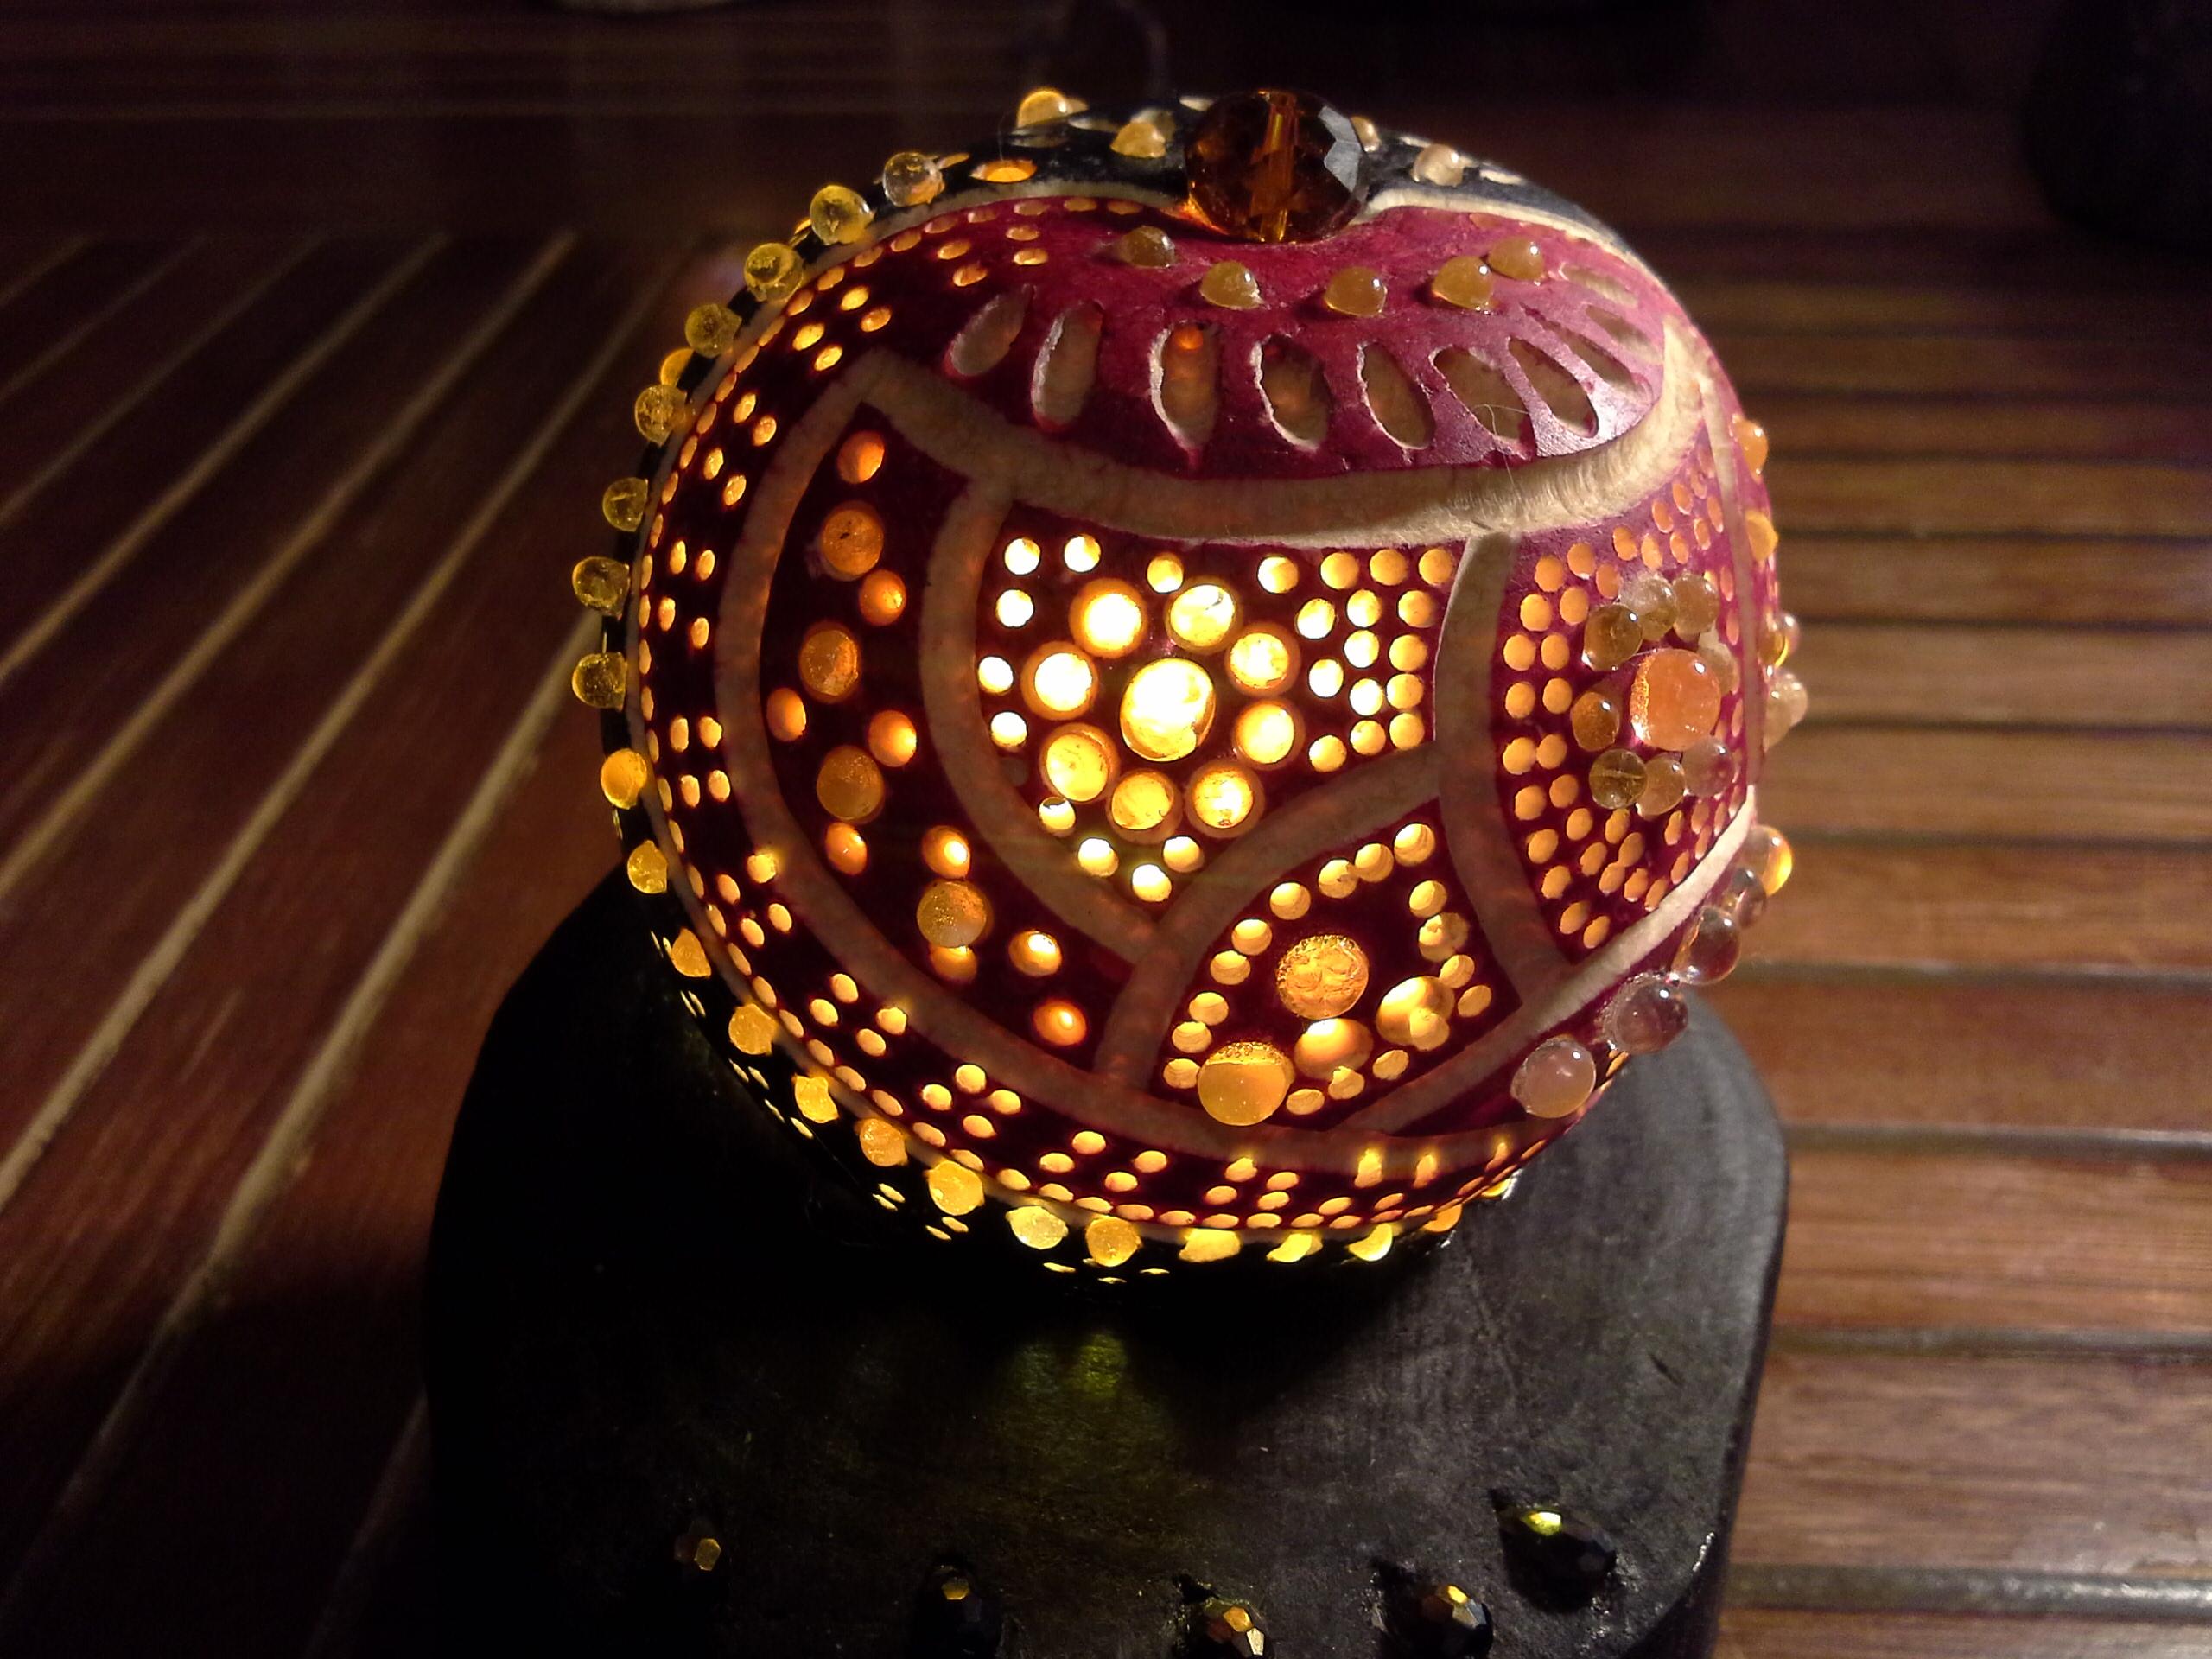 Lamp Bregot